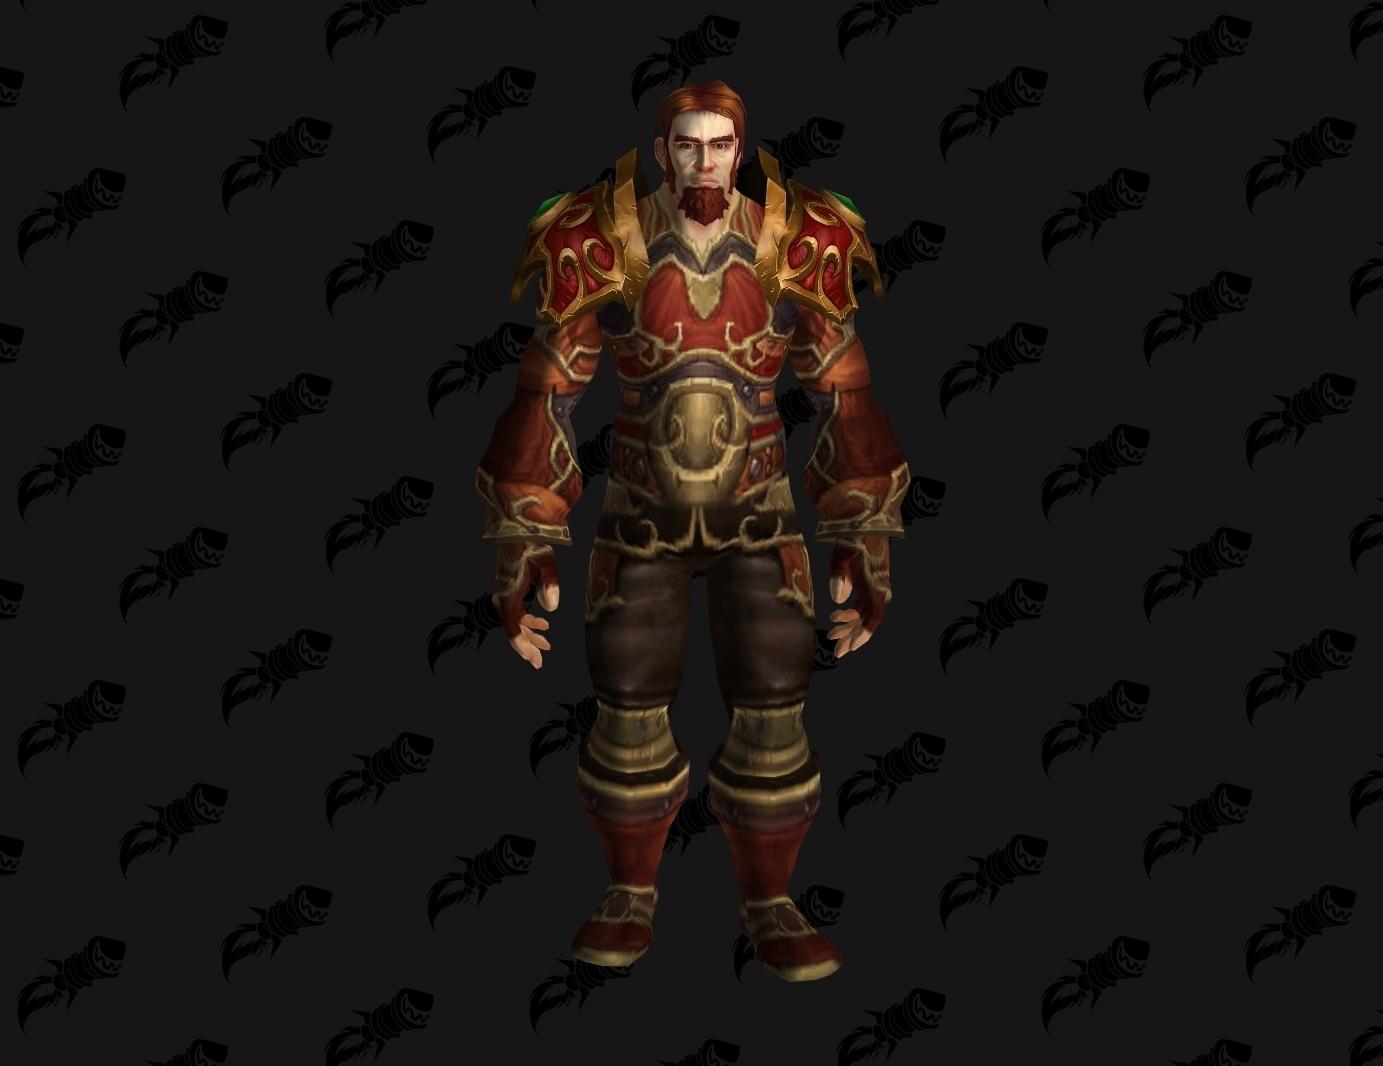 Nouveau modèle de Rhonin dans Battle for Azeroth